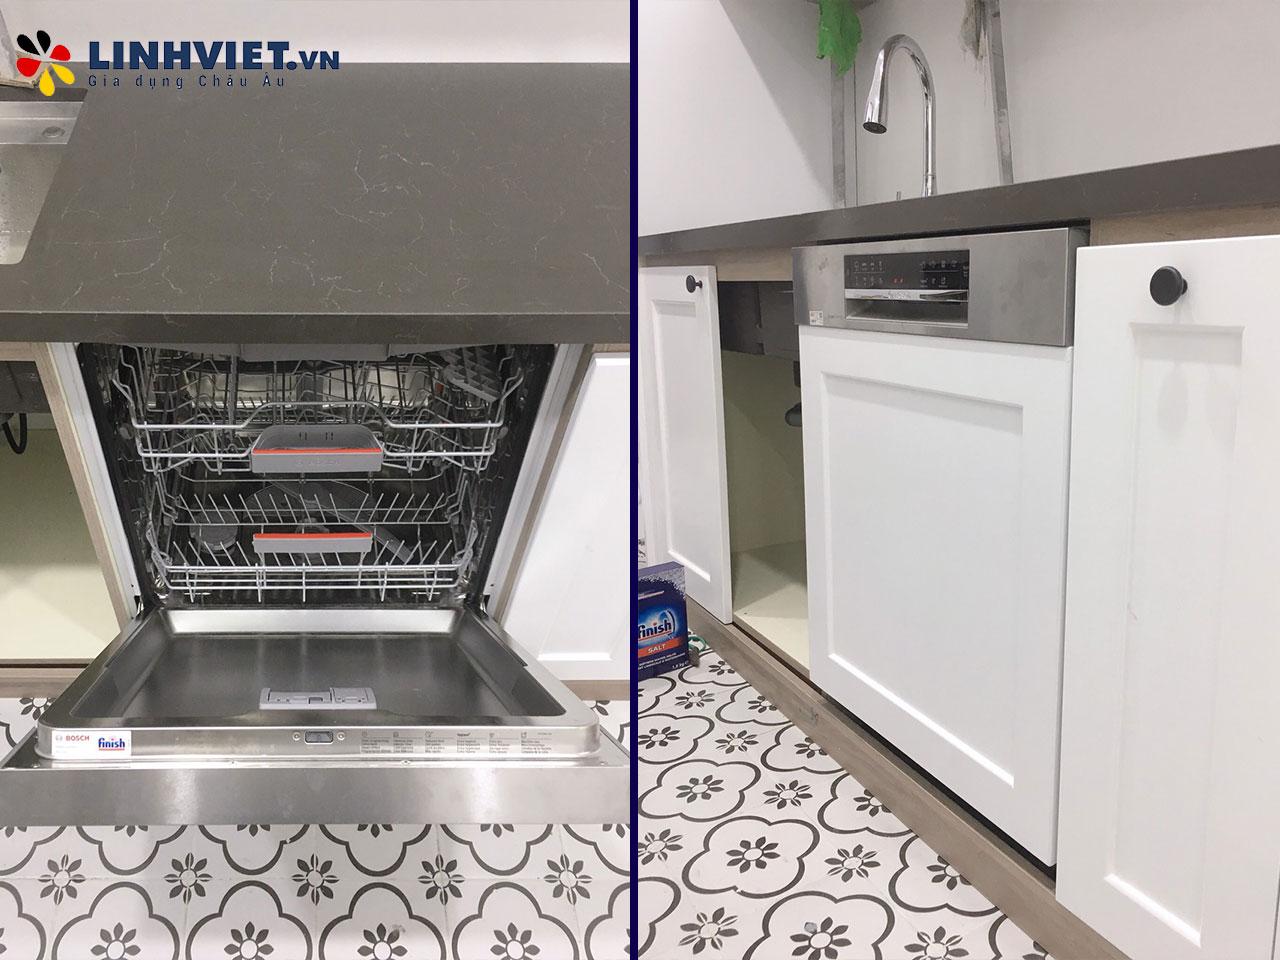 Hình ảnh thực tế khách hàng lắp Combo: Máy rửa bát, Bếp từ Bosch 6